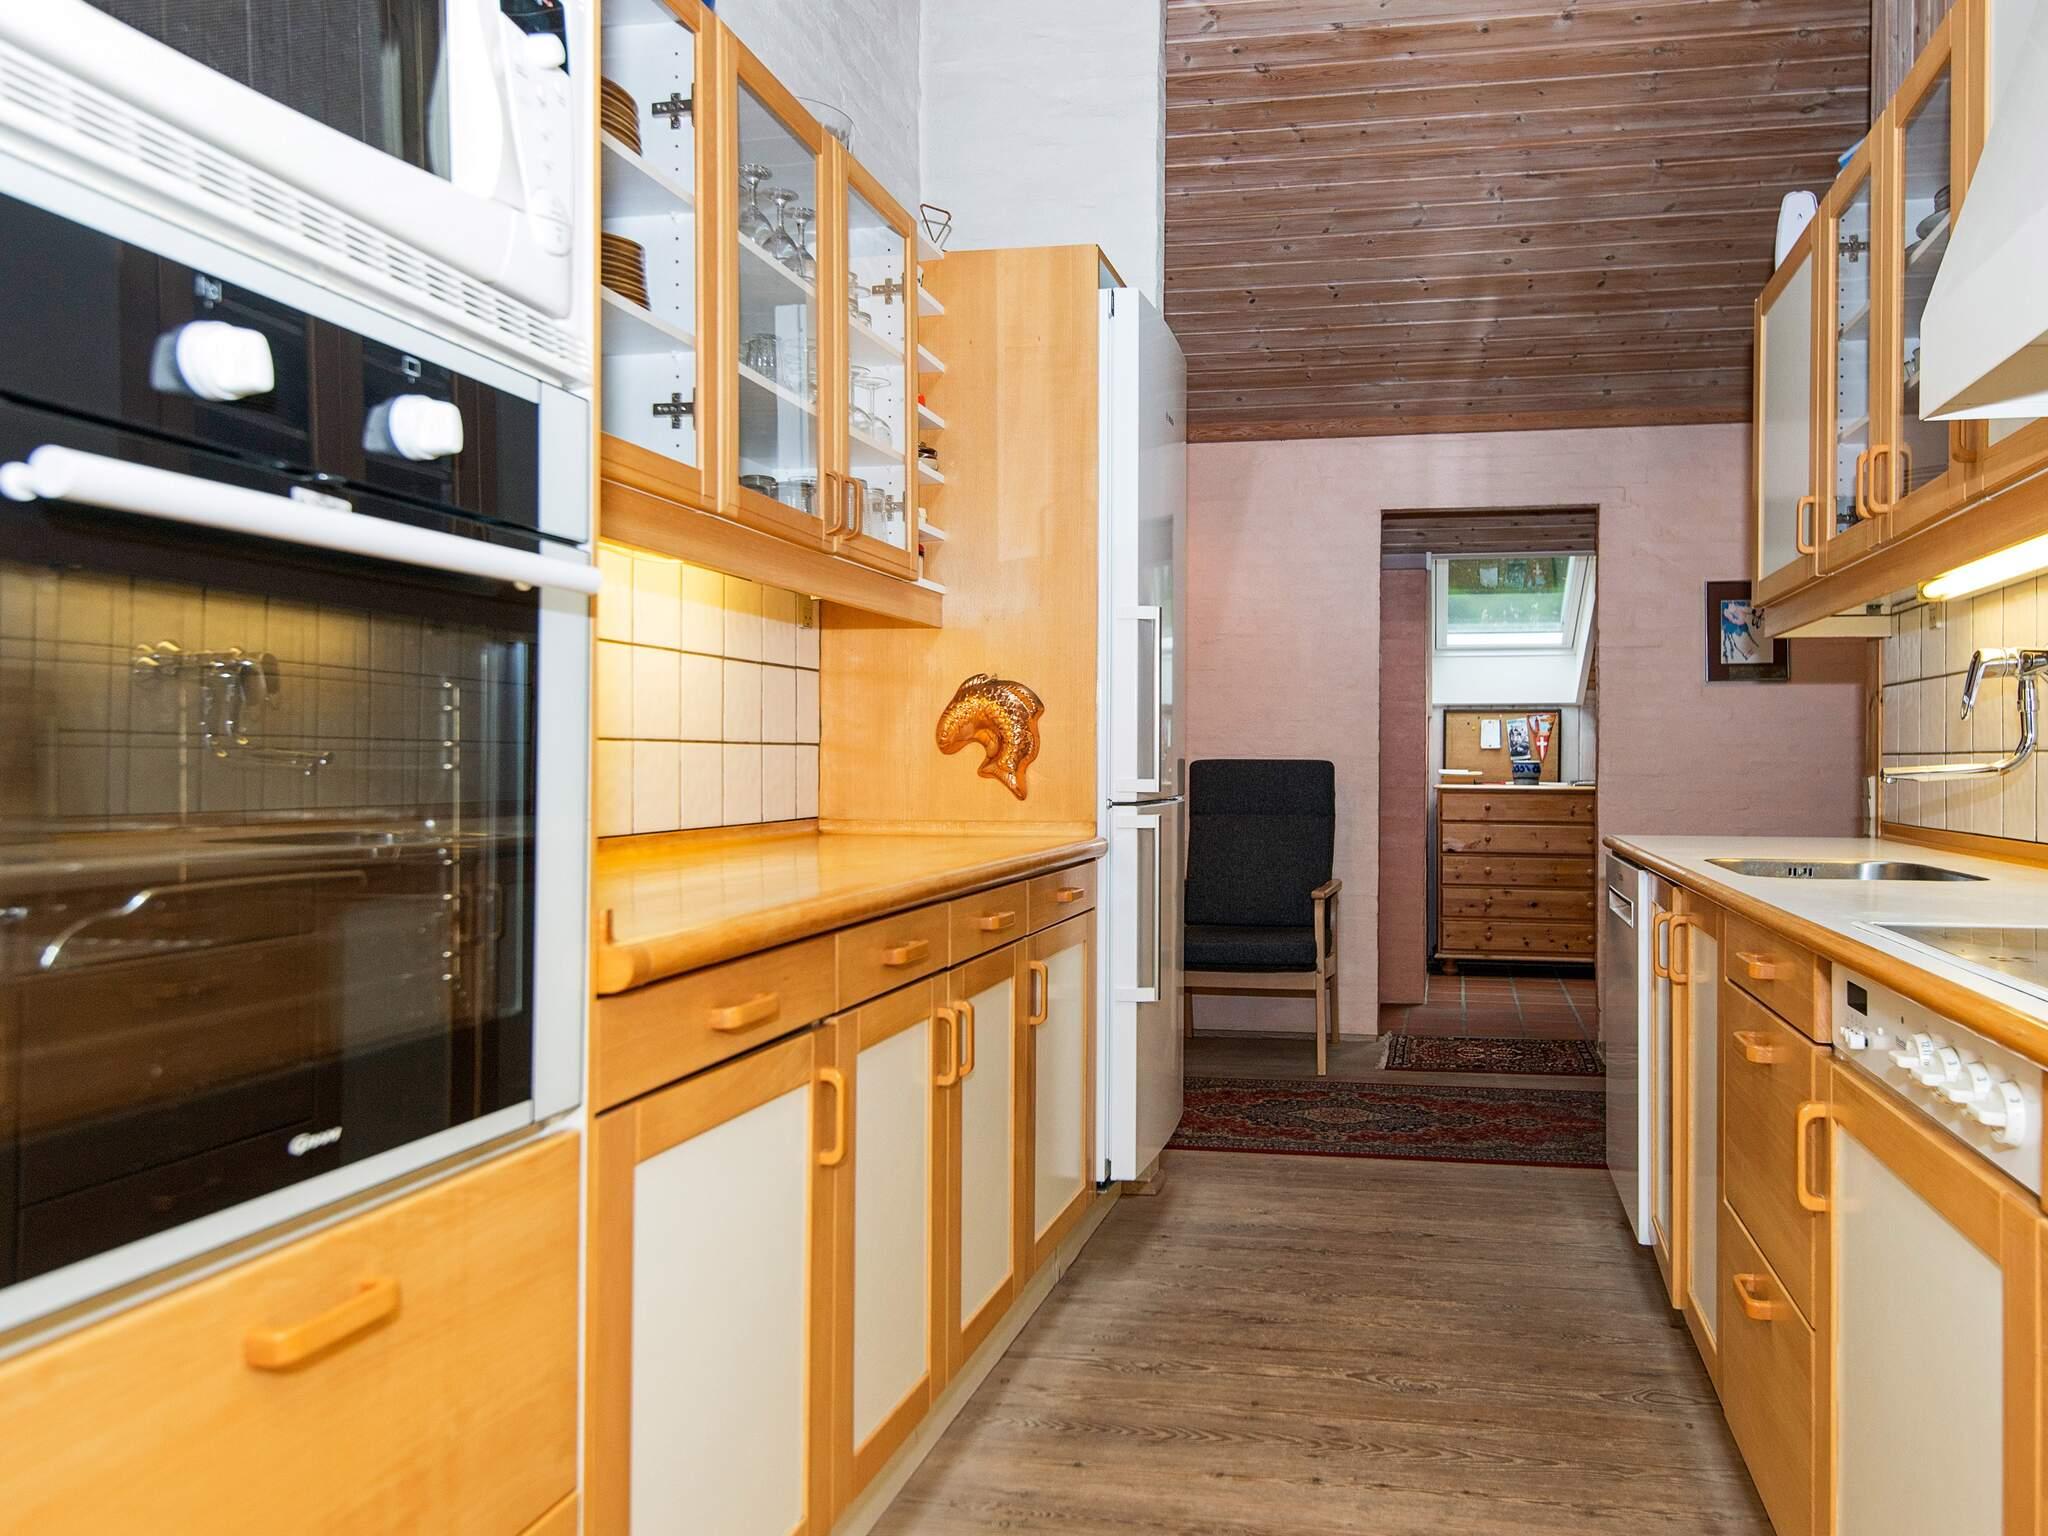 Ferienhaus Silkeborg (93347), Silkeborg, , Ostjütland, Dänemark, Bild 10